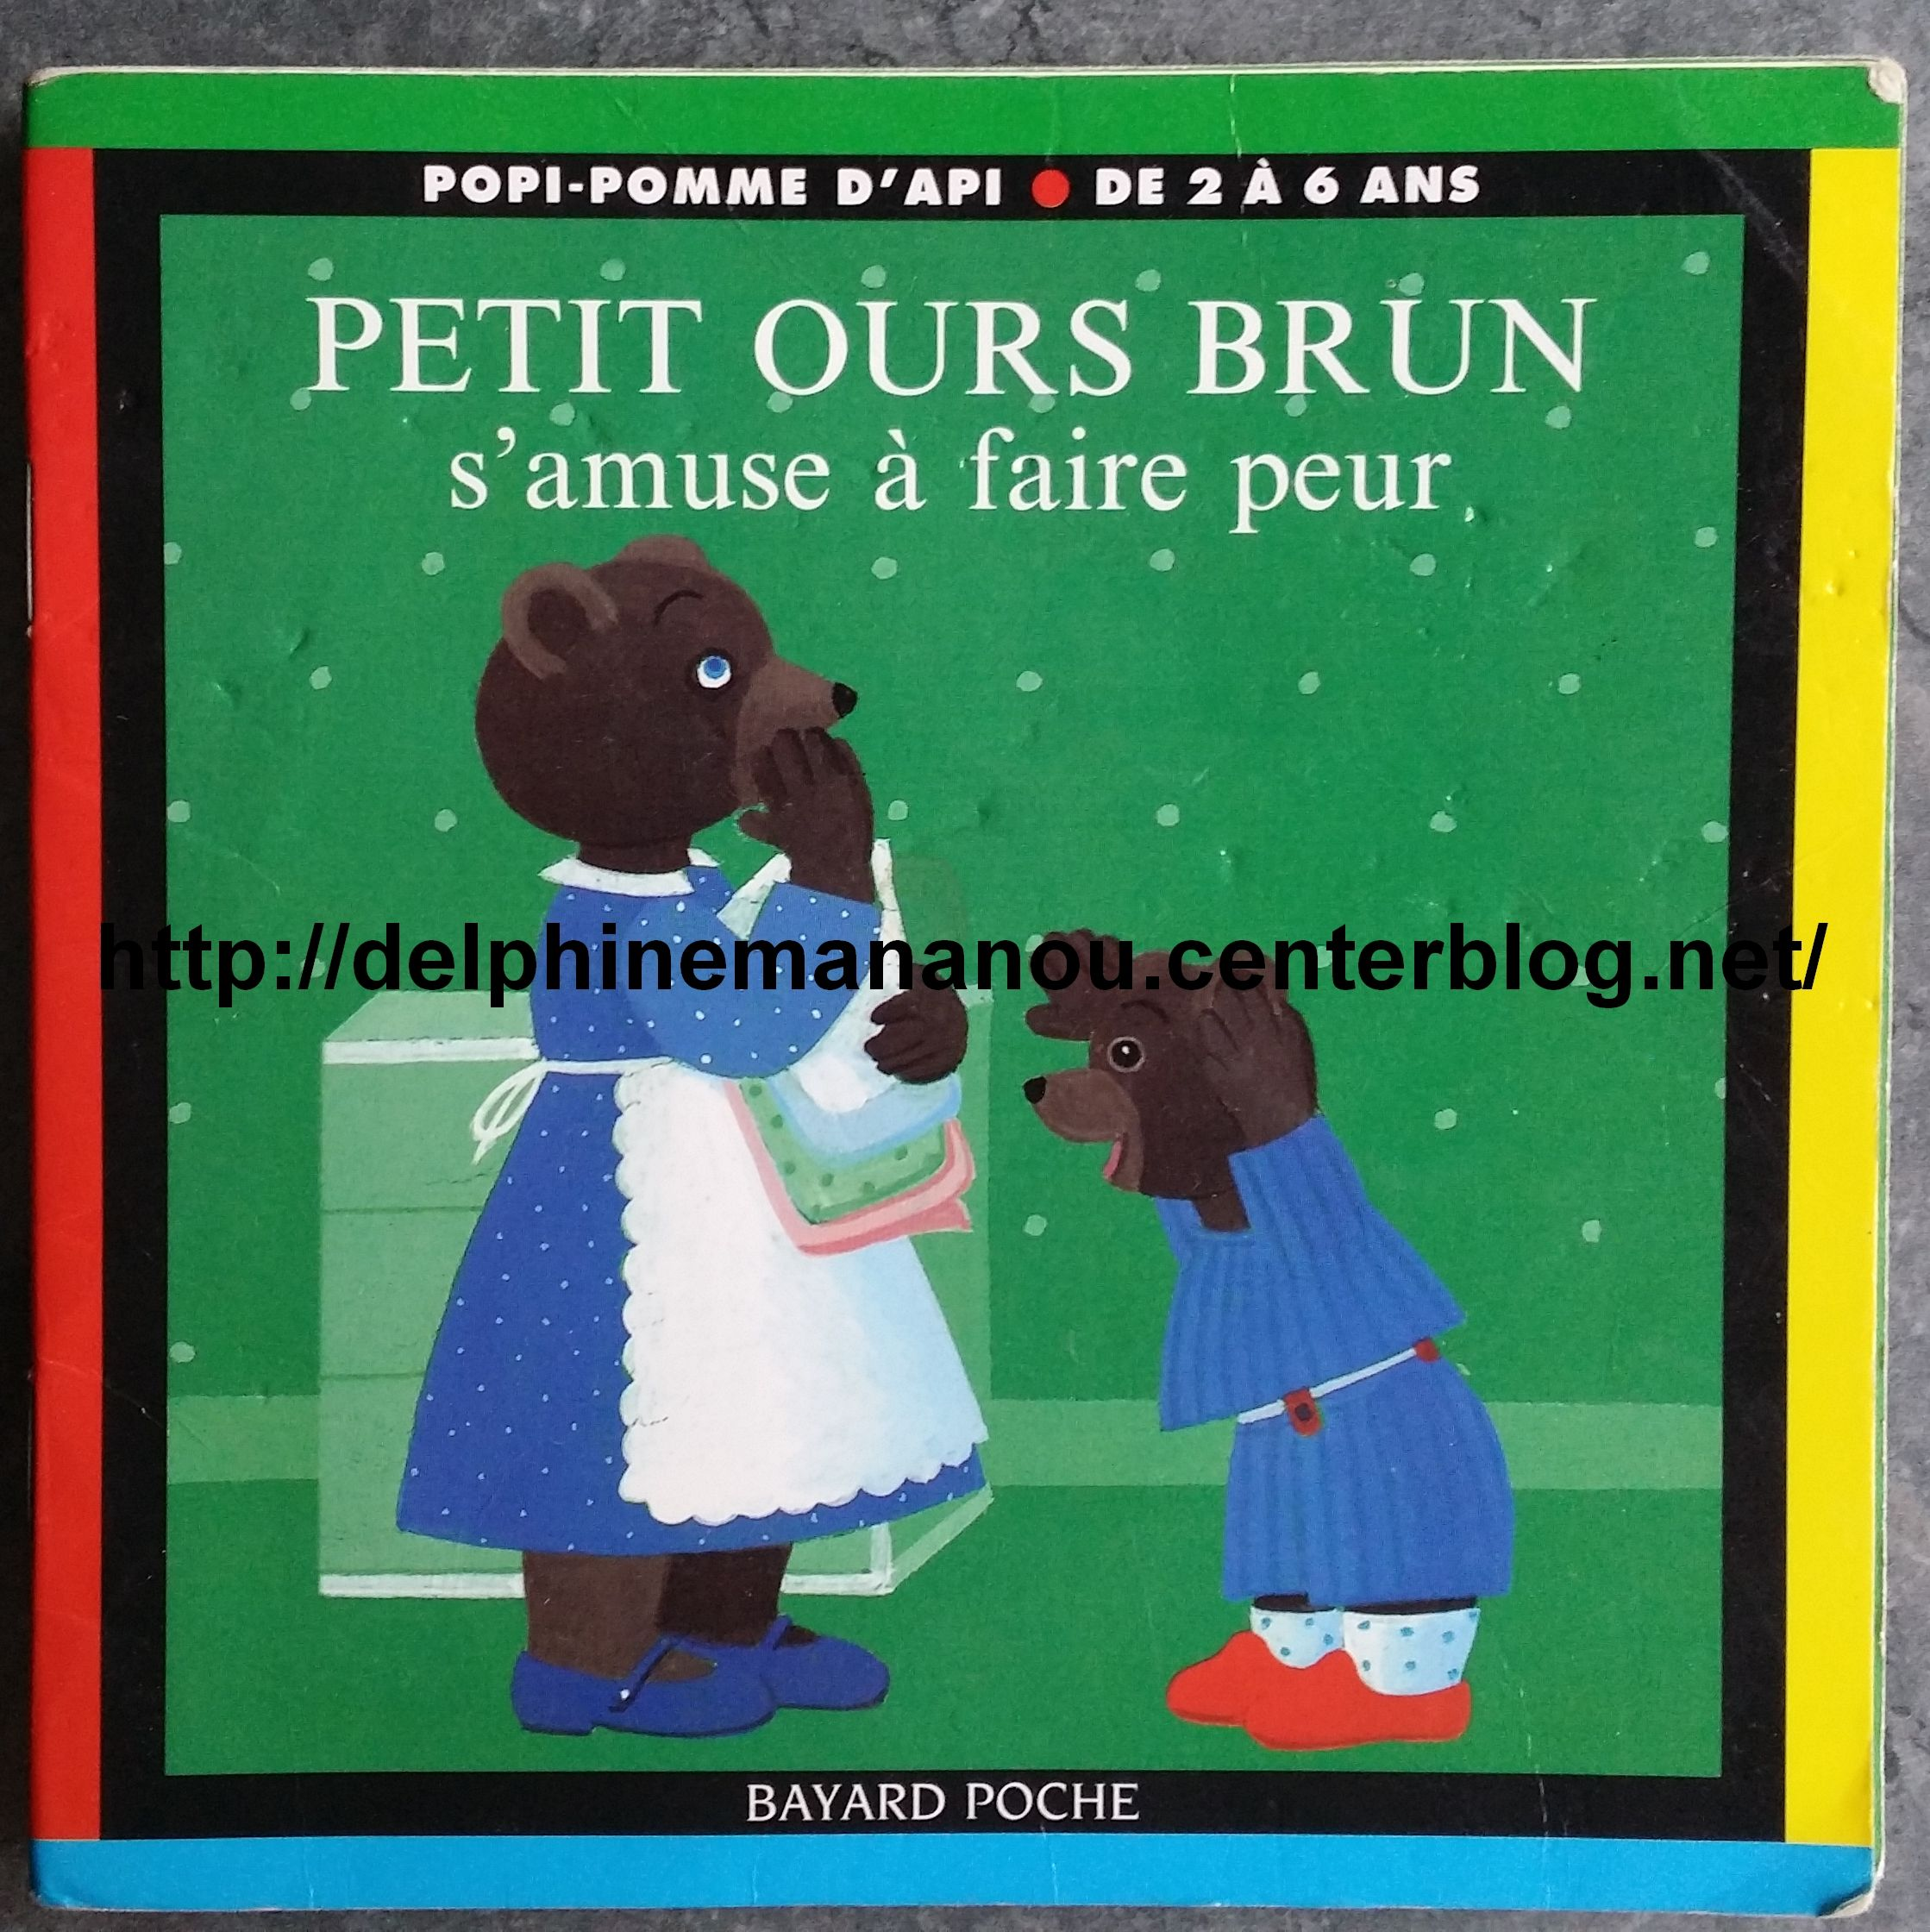 Petit ours brun s 39 amuse a faire peur - Petit ours brun a la mer ...